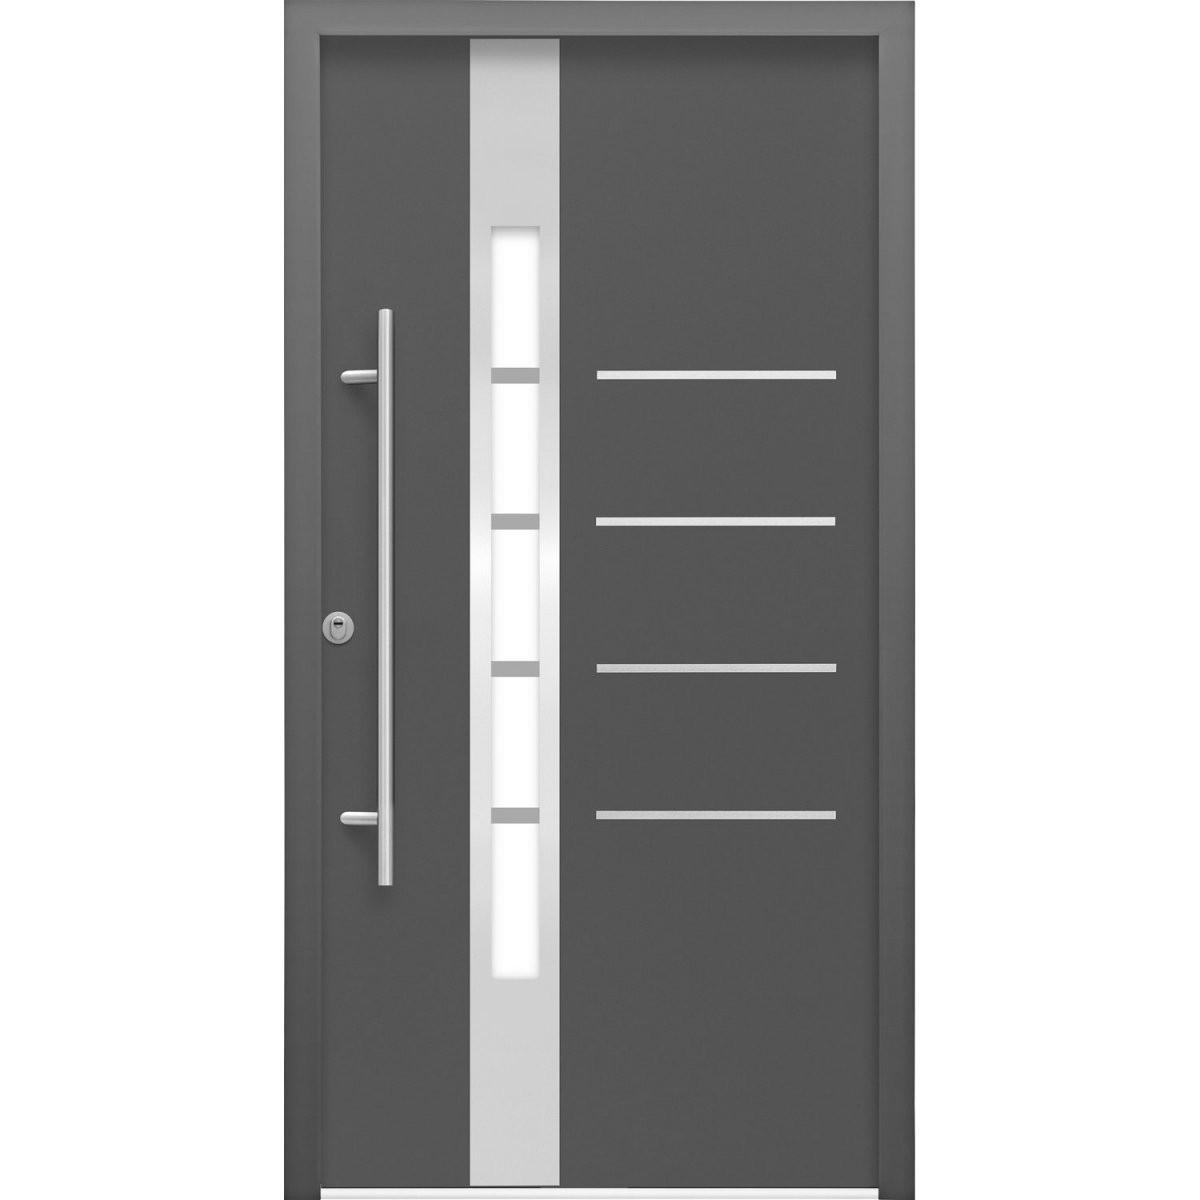 Haustüren Online Kaufen Bei Obi  Obi von Haustüren Aus Polen Kaufen Bild